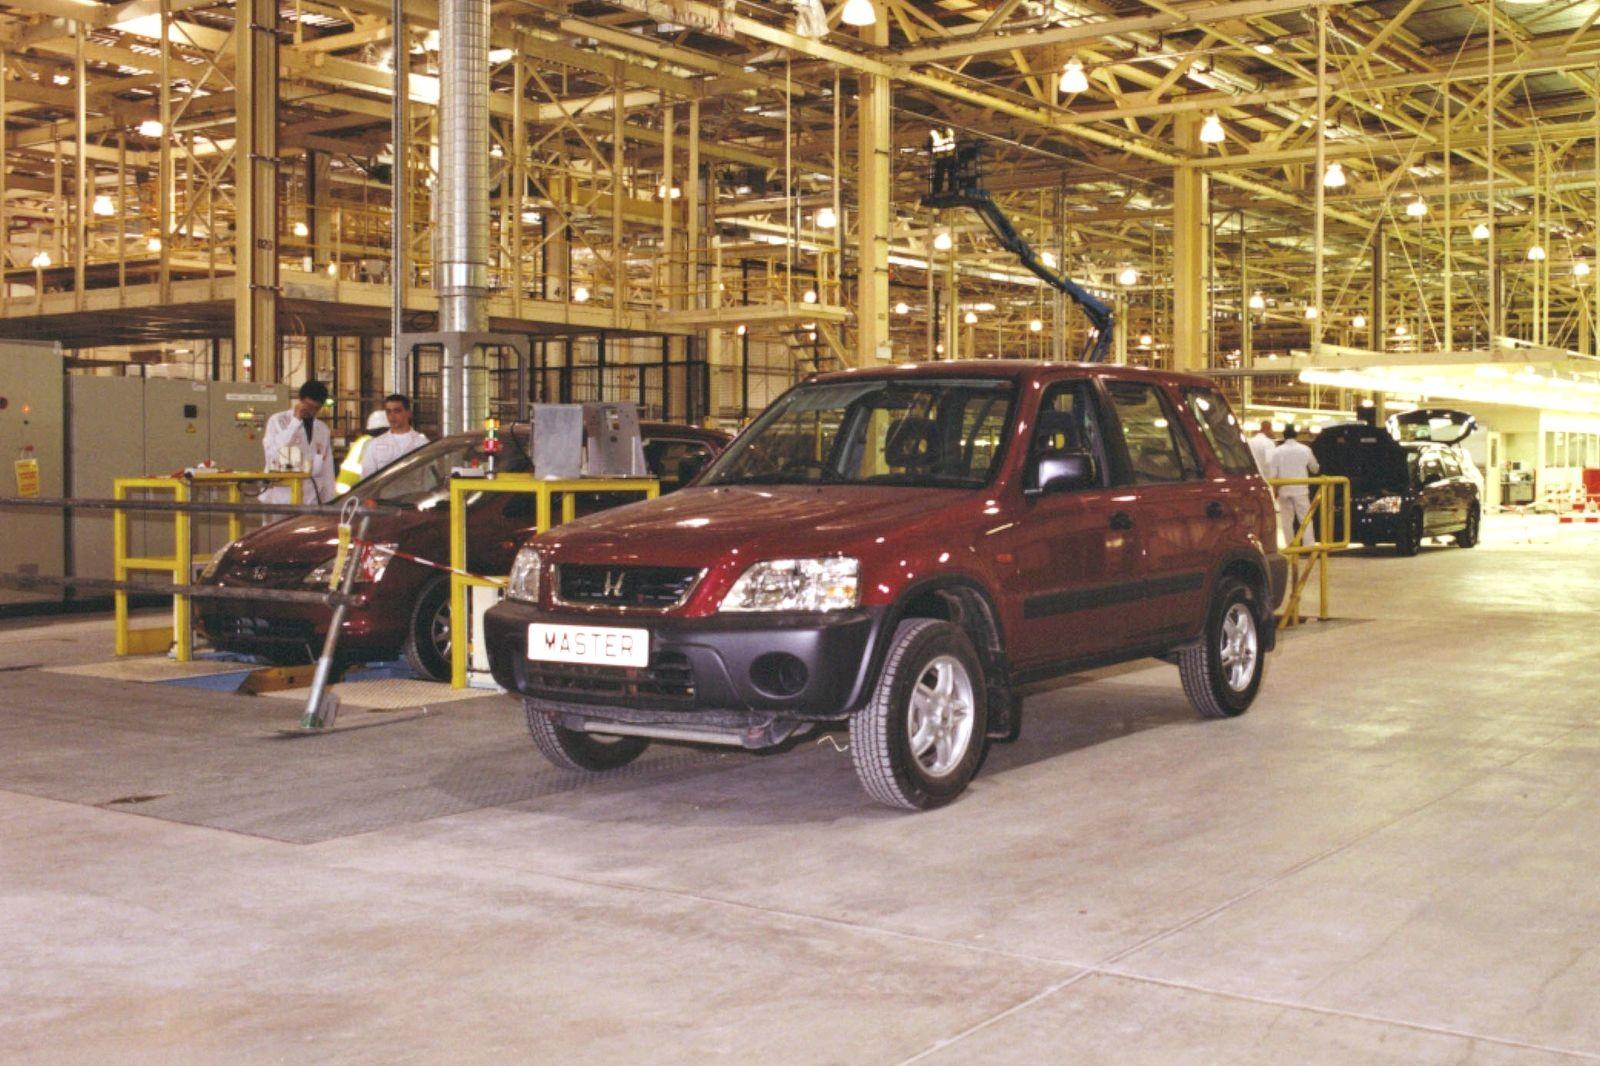 Завод в Суиндоне был запущен в 1985 году и в лучшие времена кроме Сивиков выпускал модели Accord, CR-V и Jazz. Сейчас на предприятии трудятся 3500 человек, всех их ждёт увольнение.